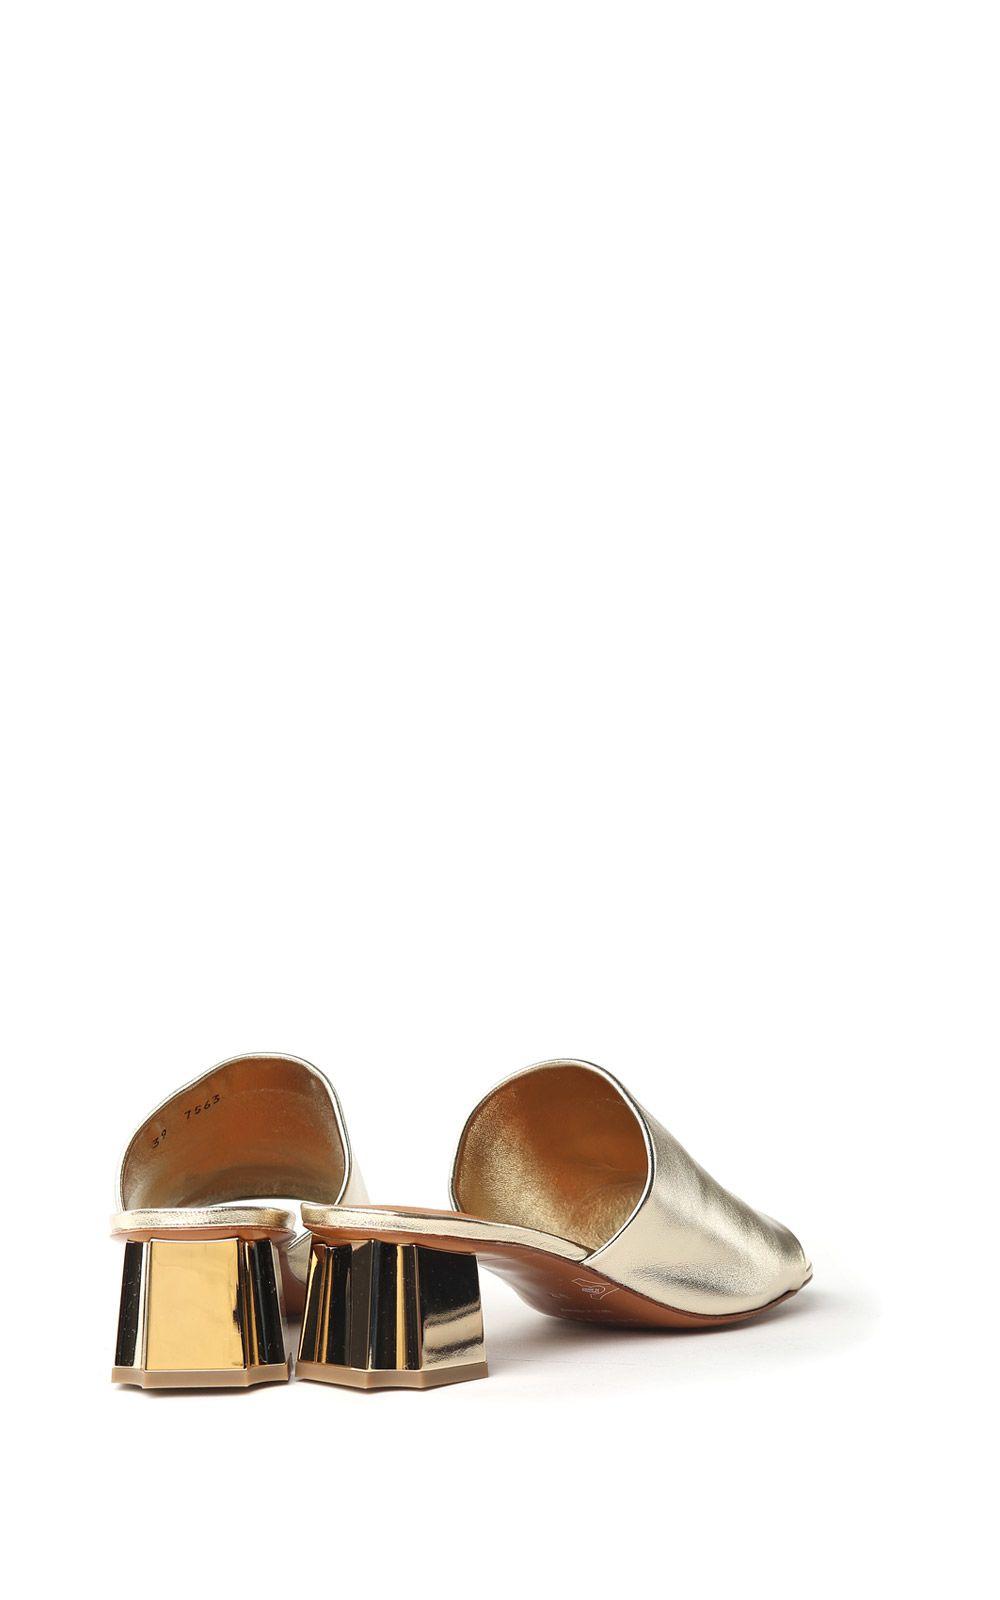 Lamo laminated-leather mules Robert Clergerie wCp0U8ju9F